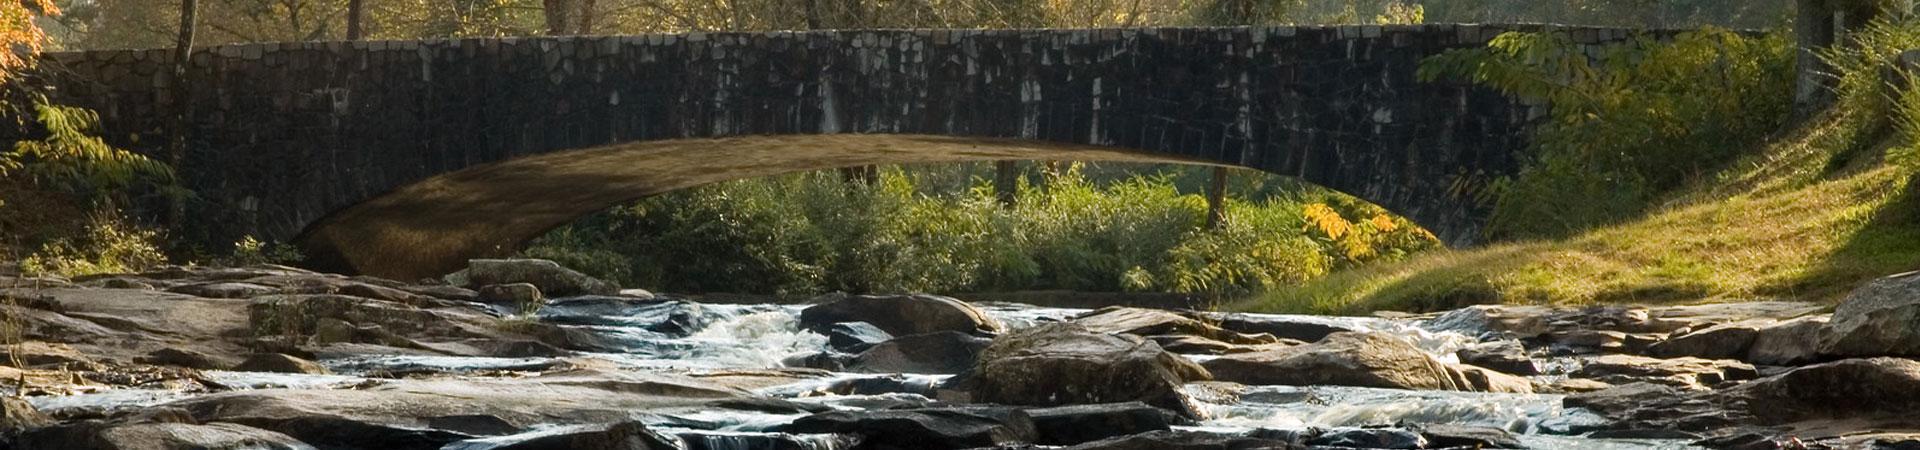 Indian Springs Bridge